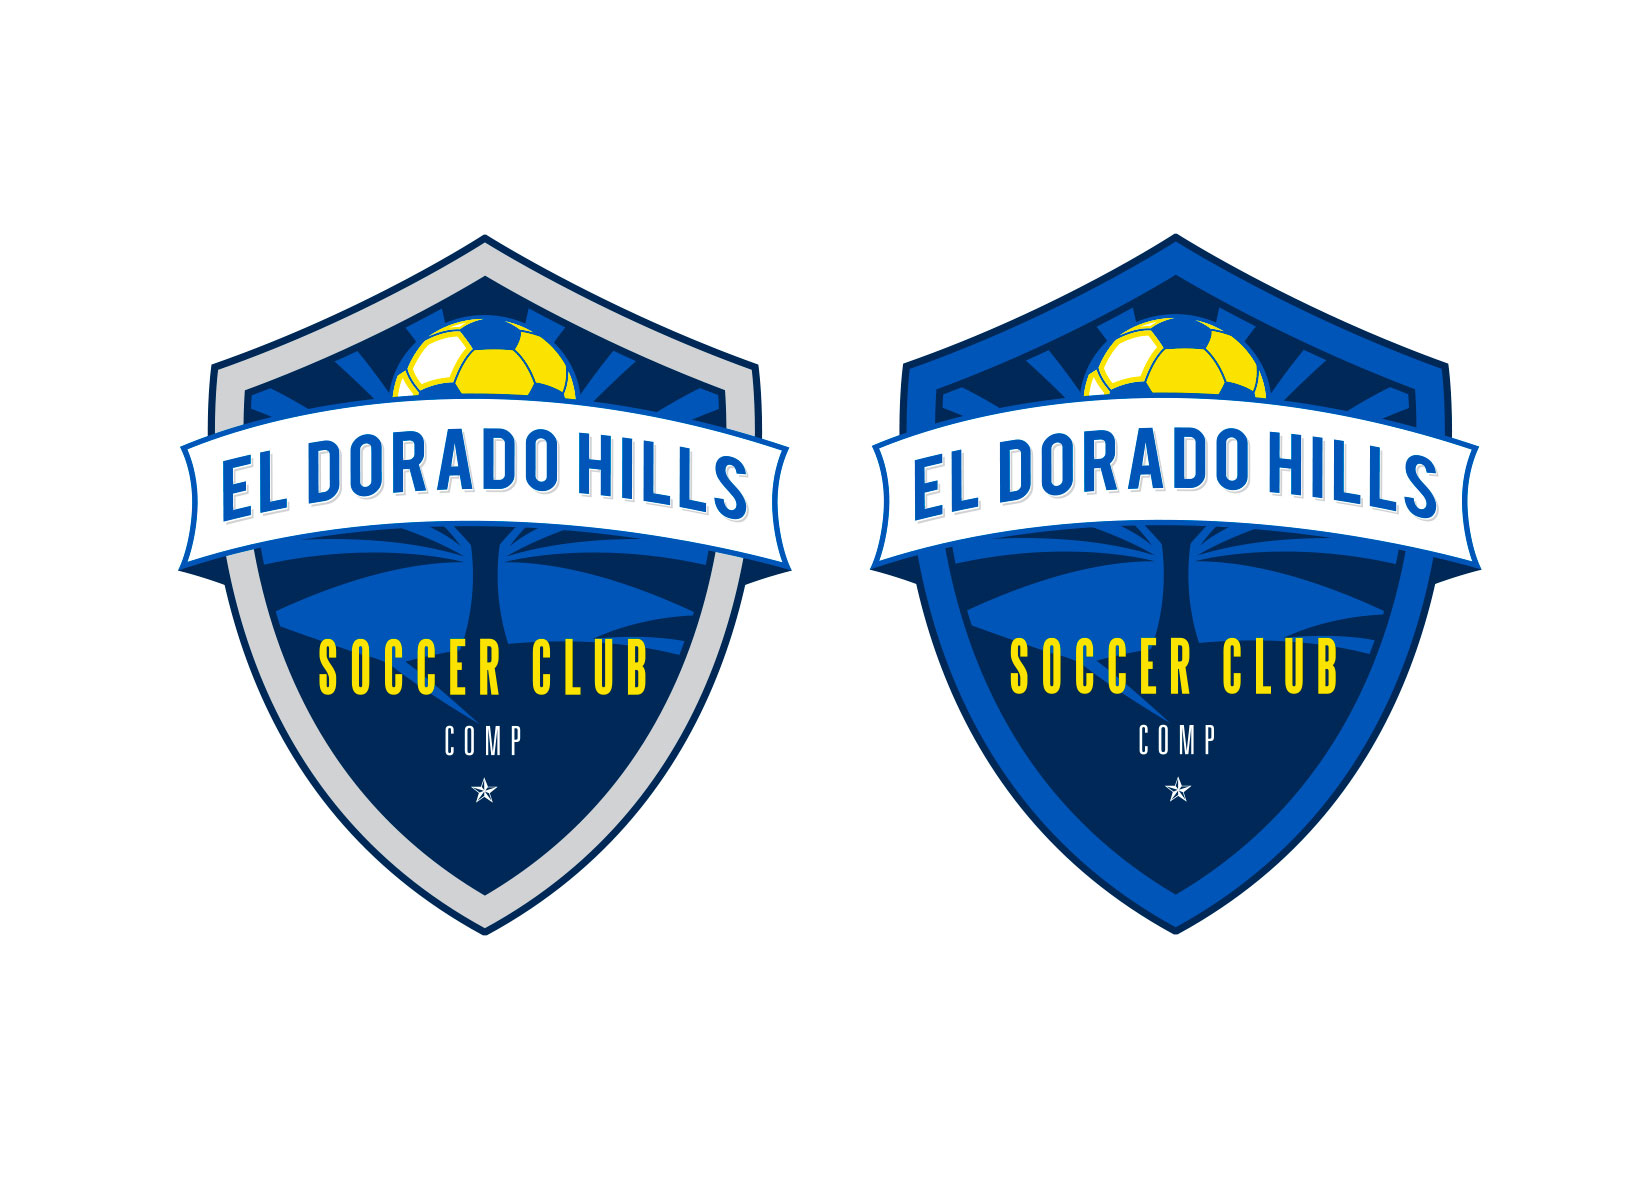 custom-soccer-crest-designs-for-el-dorado-hills-soccer-2.jpg